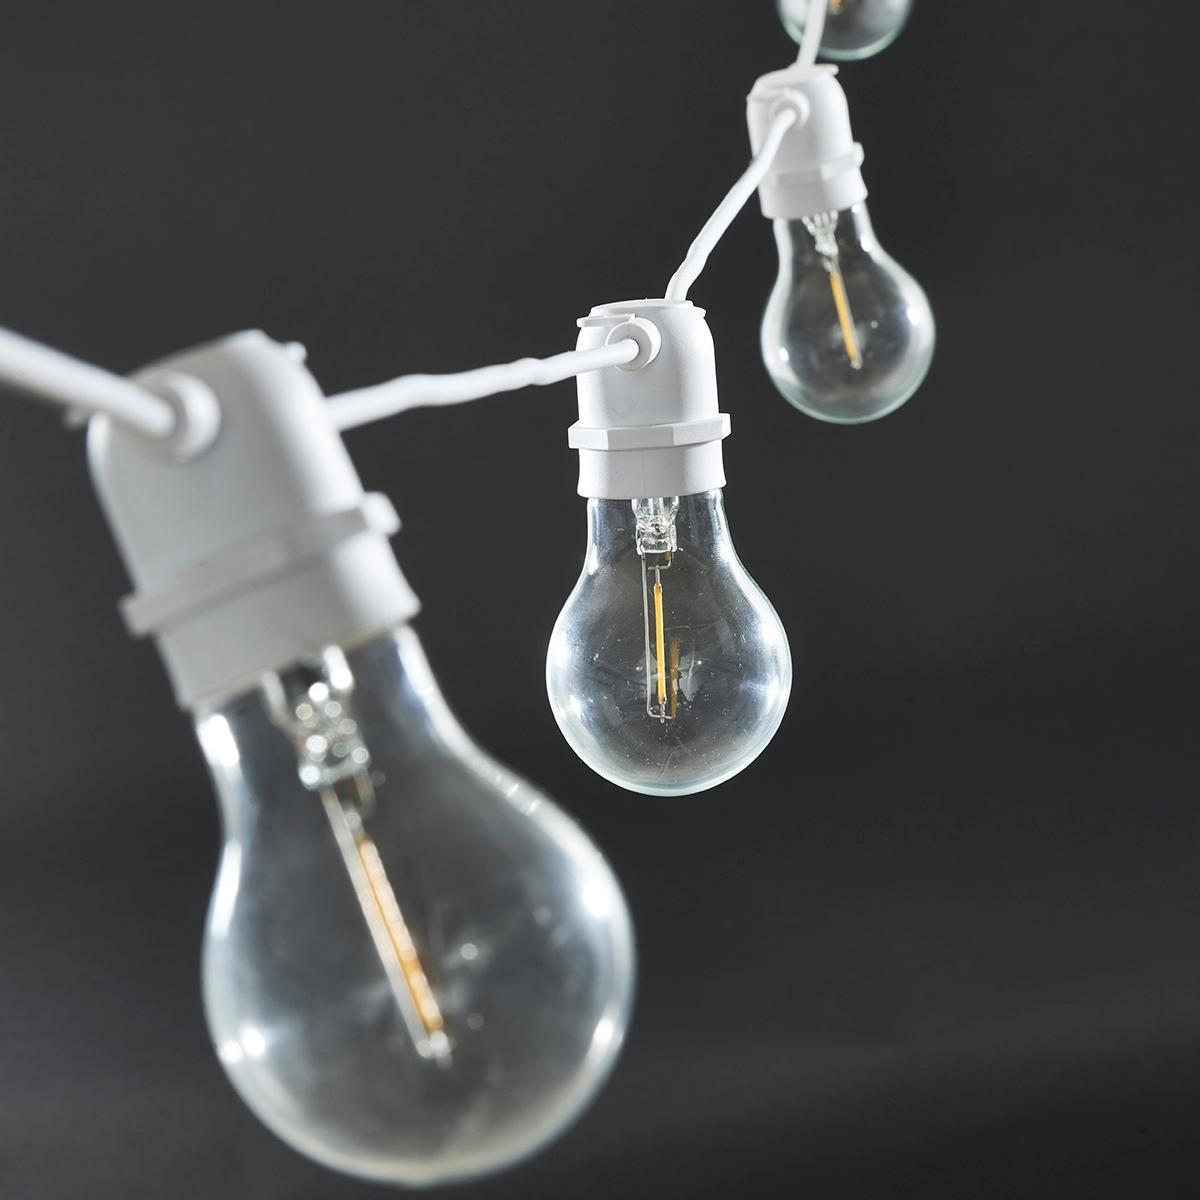 House Doctor Světelný řetěz s 10ti LED žárovkami - white 8,4m, bílá barva, čirá barva, sklo, plast